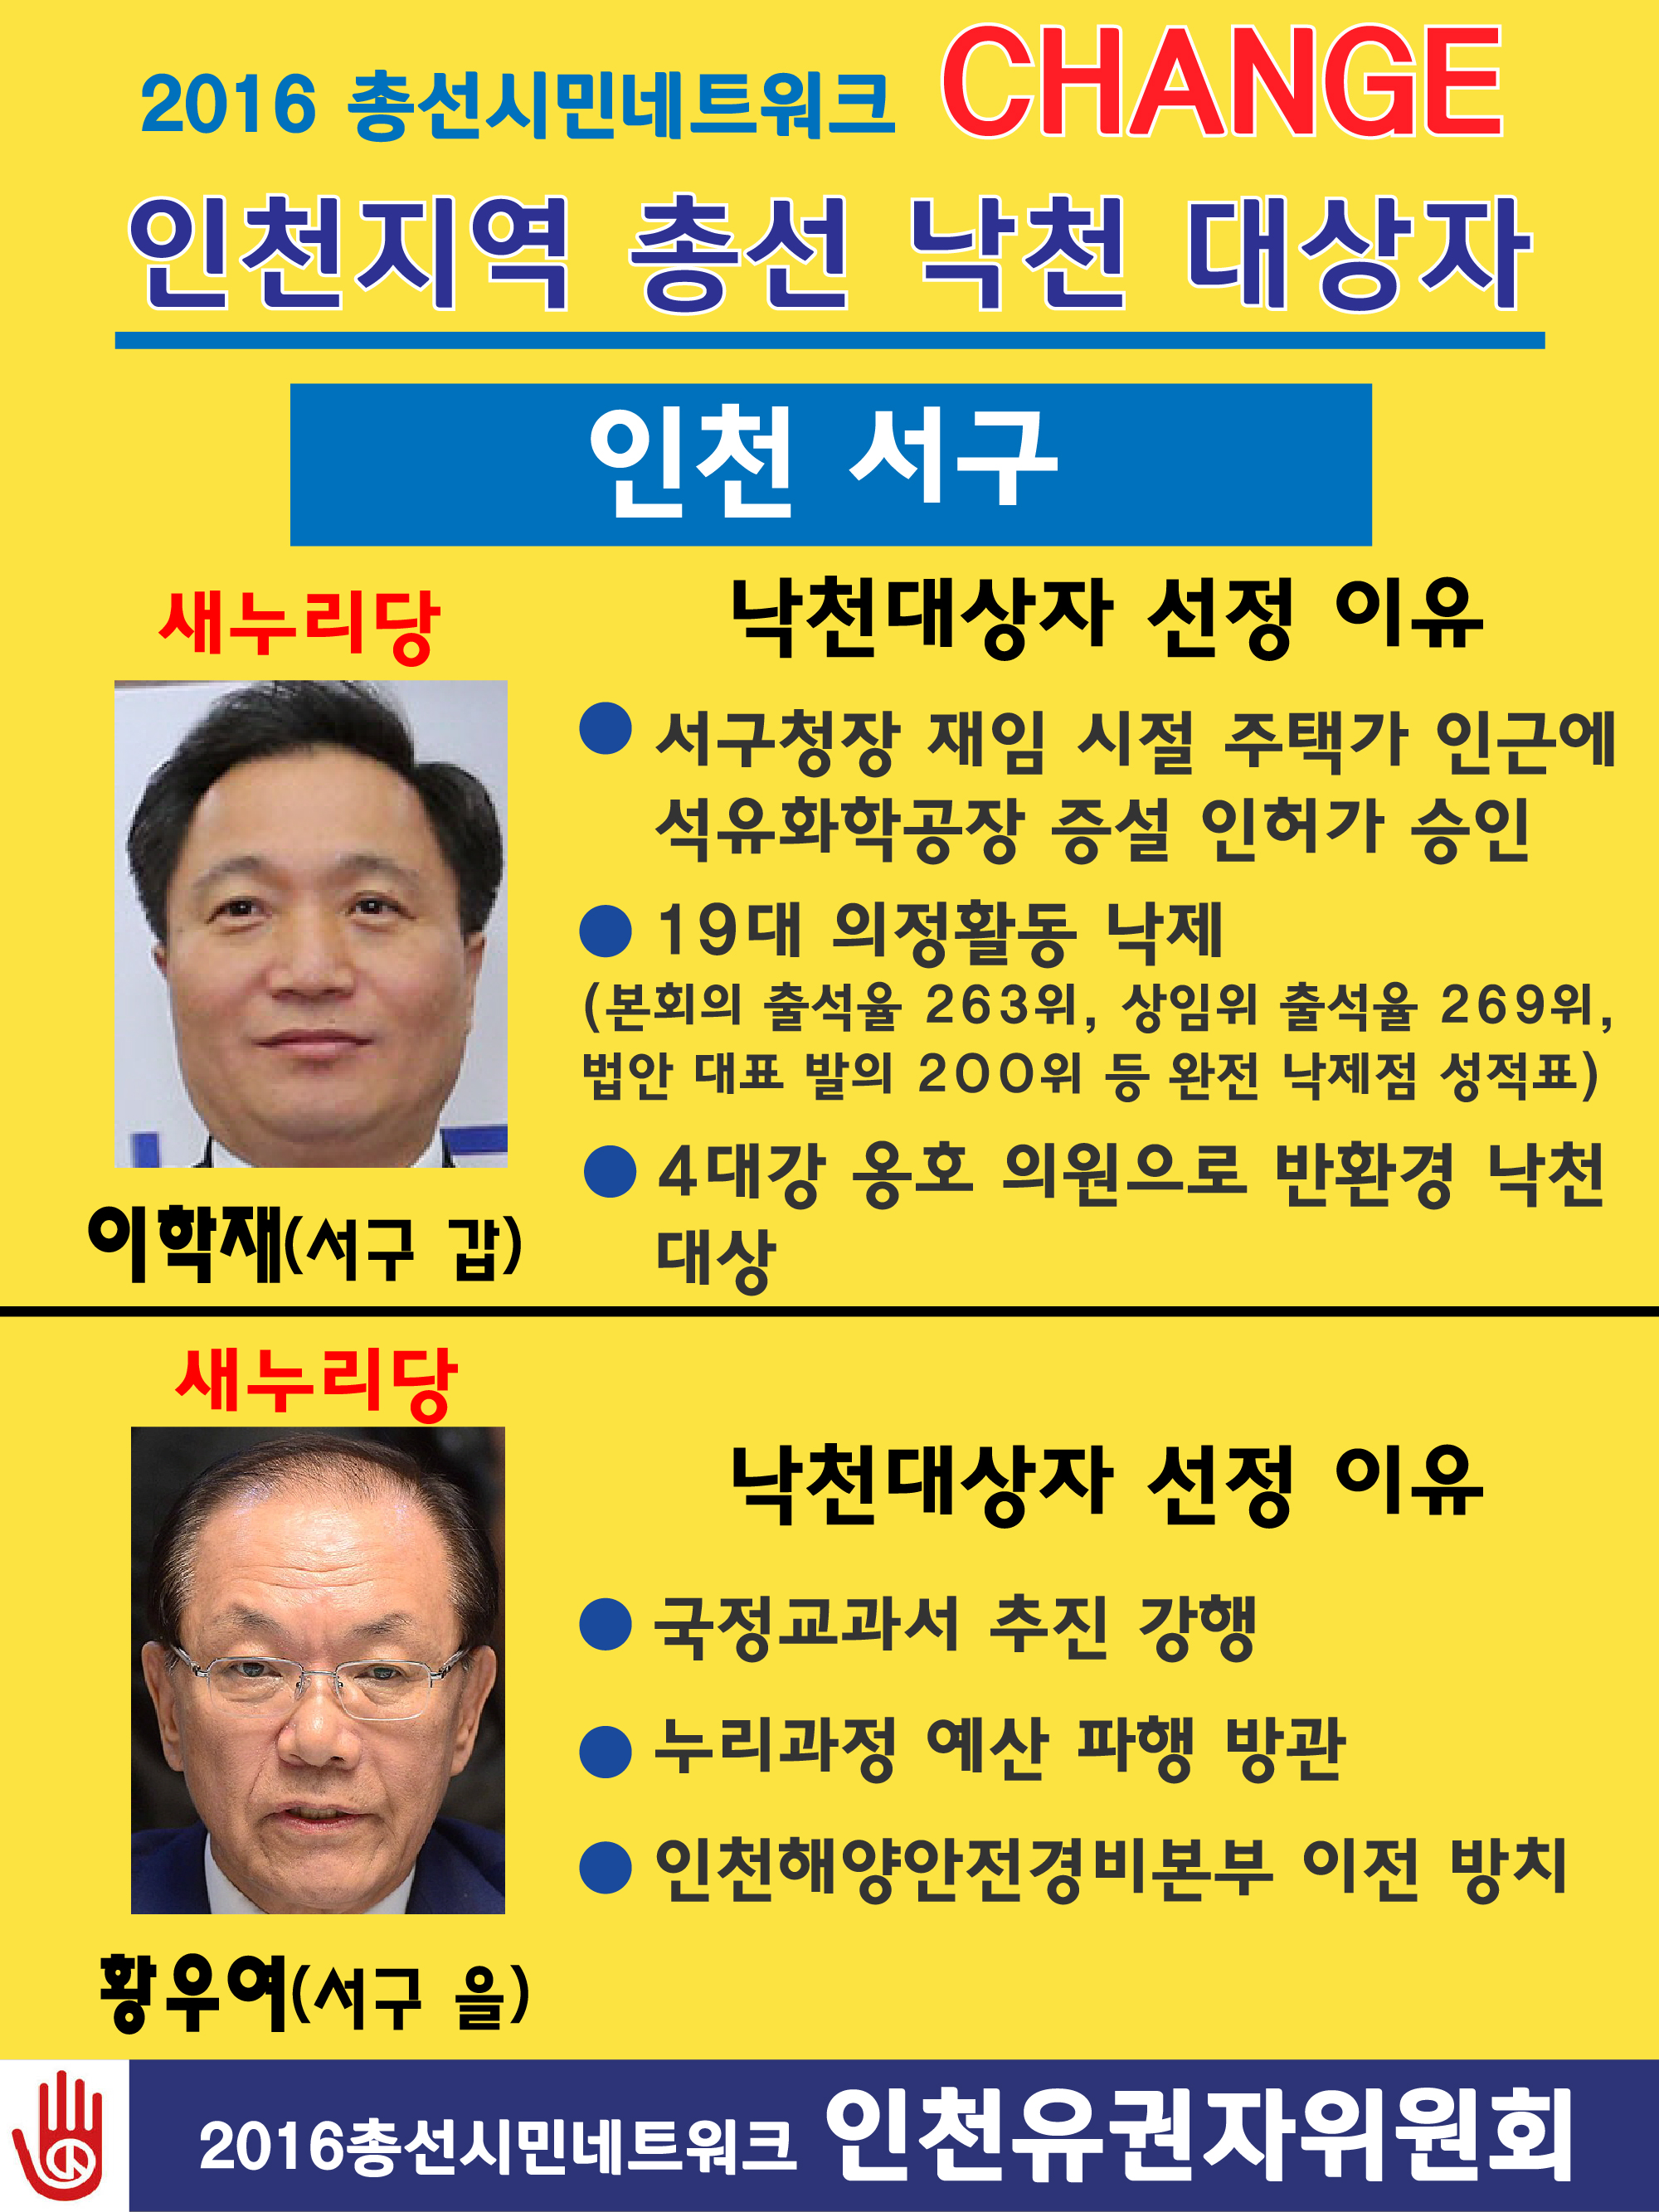 인천 서구 낙천대상자.jpg